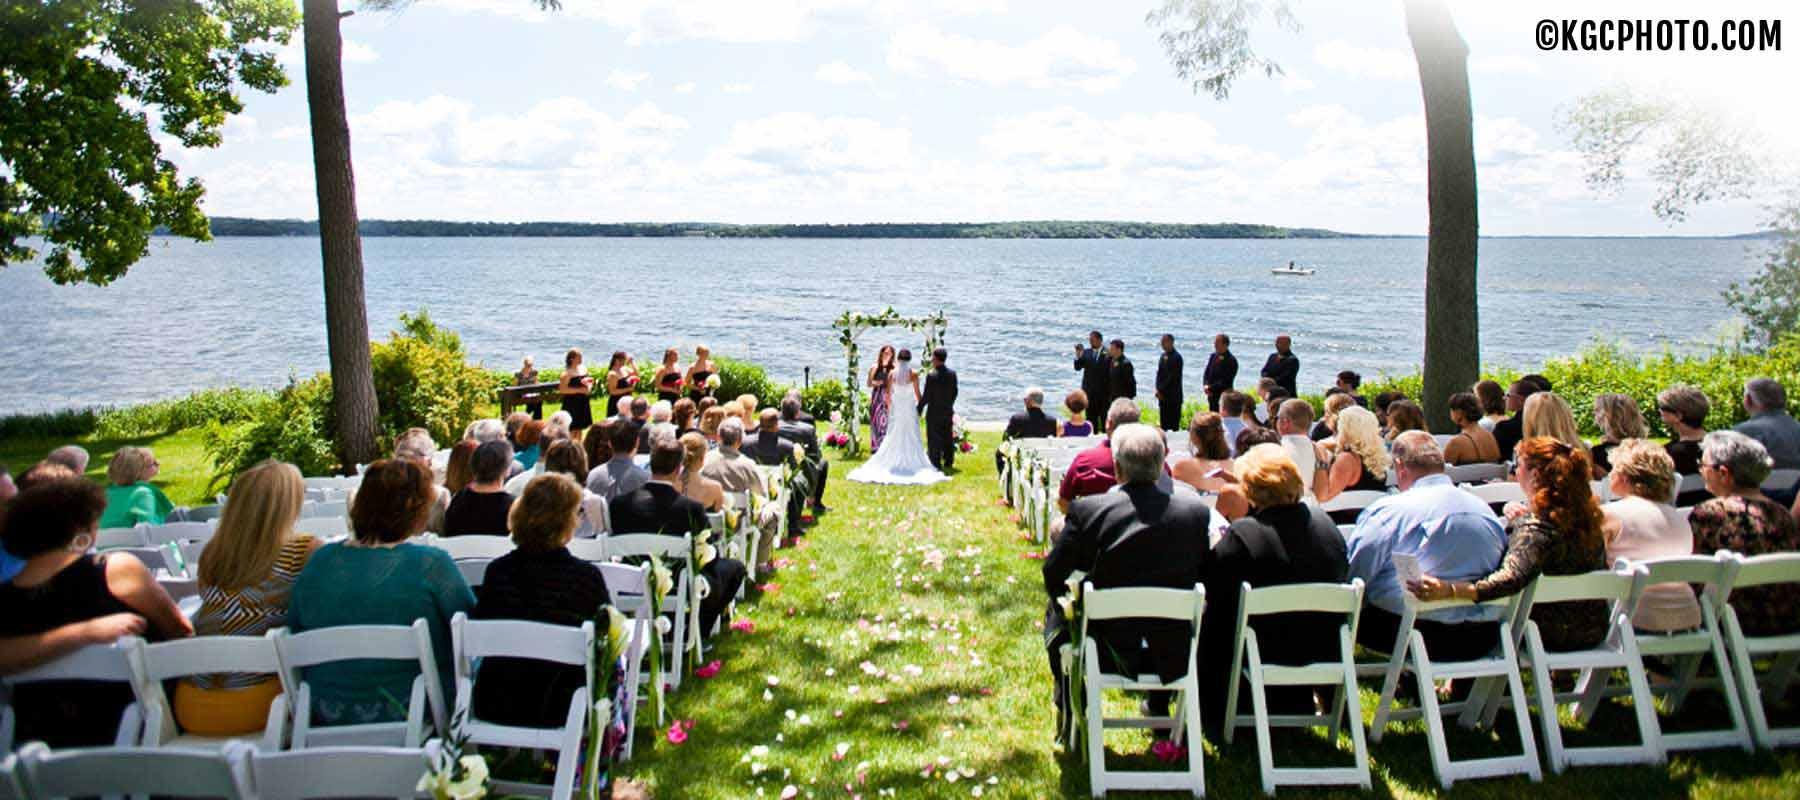 Grey Rock Lawn Ceremony